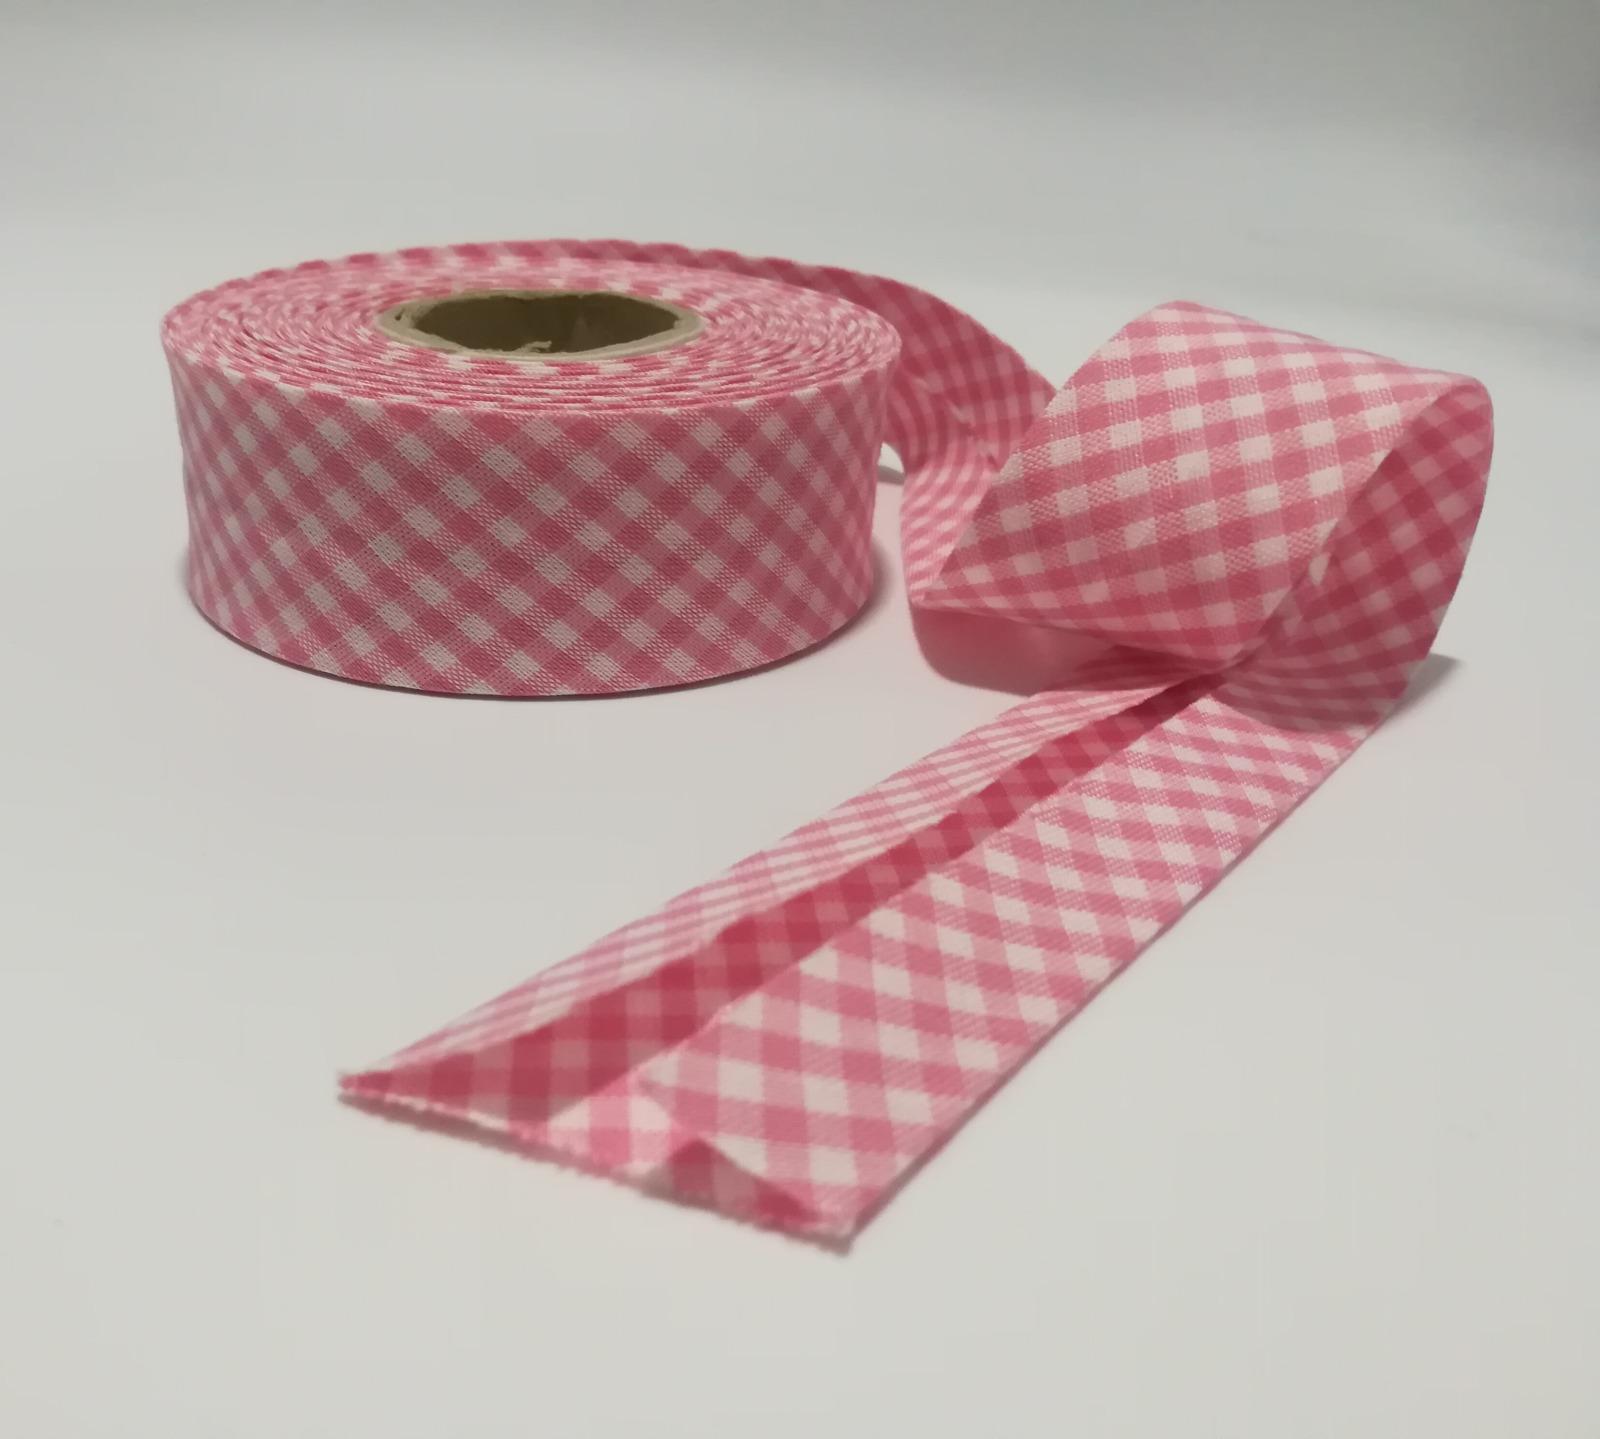 Schrägband Meter 3cm breit in Rosa-Weiß